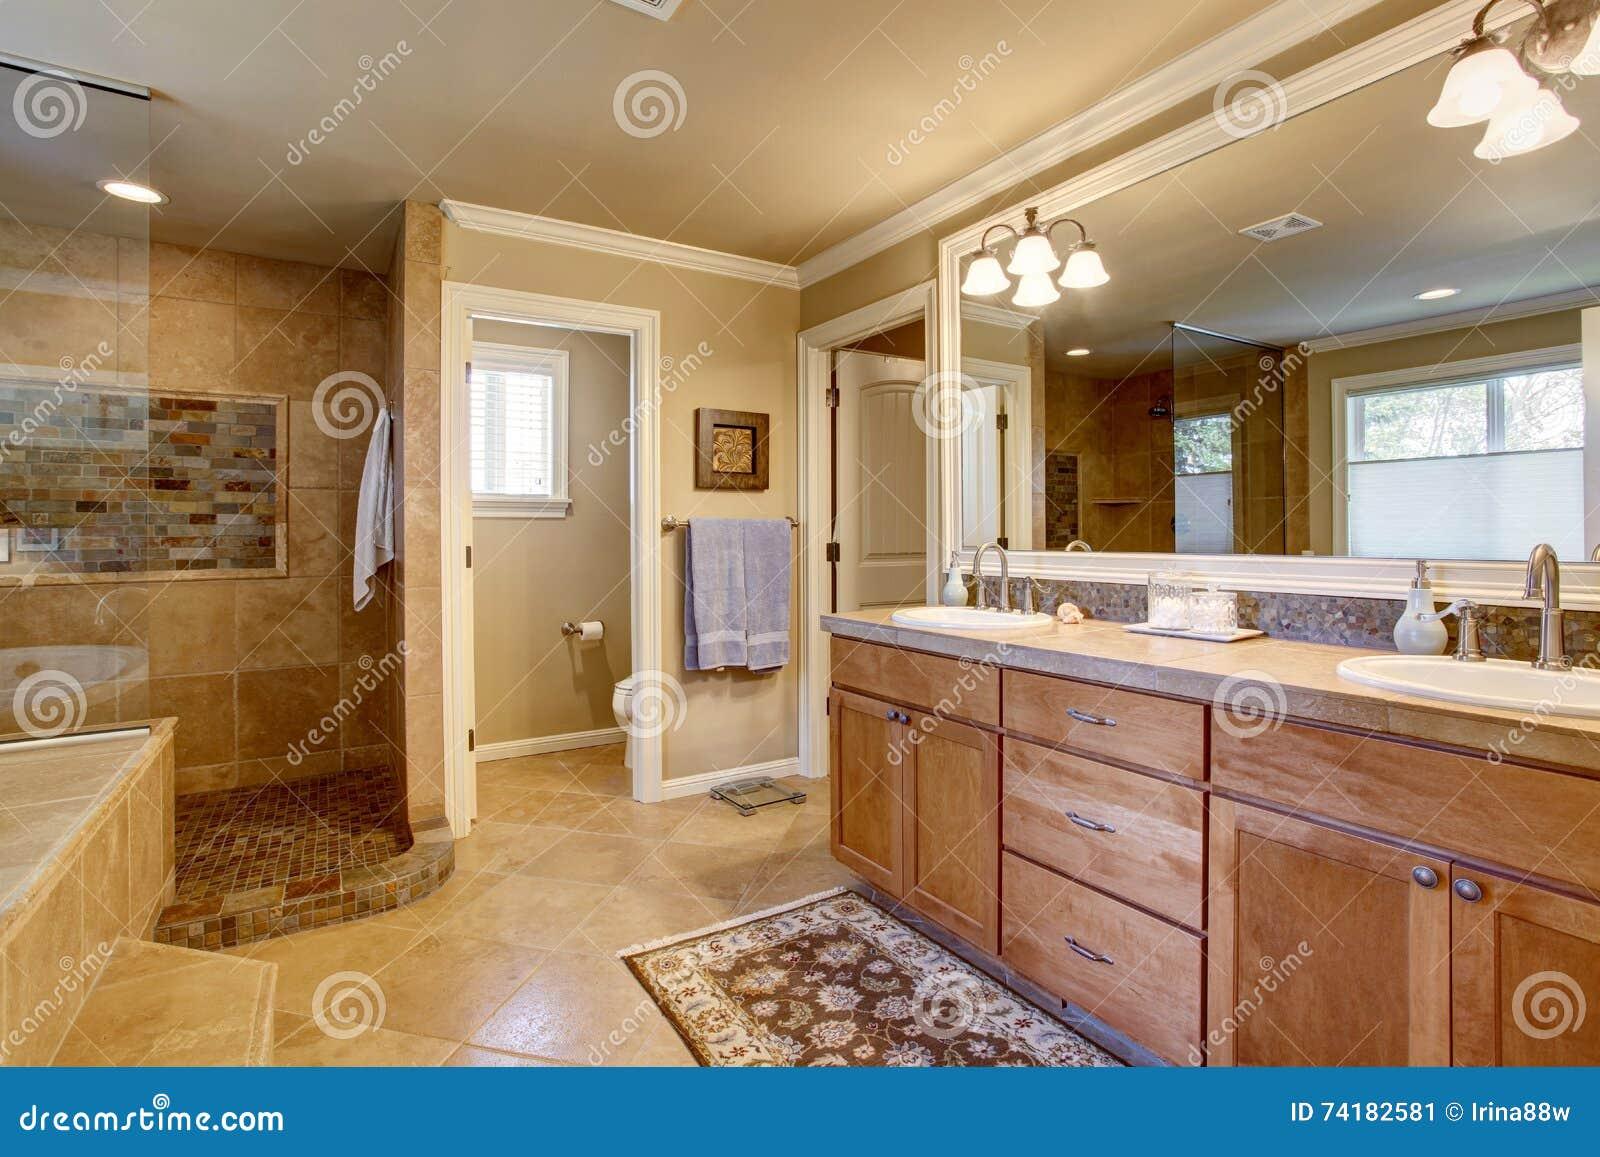 Klassisches Amerikanisches Badezimmer Mit Hölzernen Kabinetten